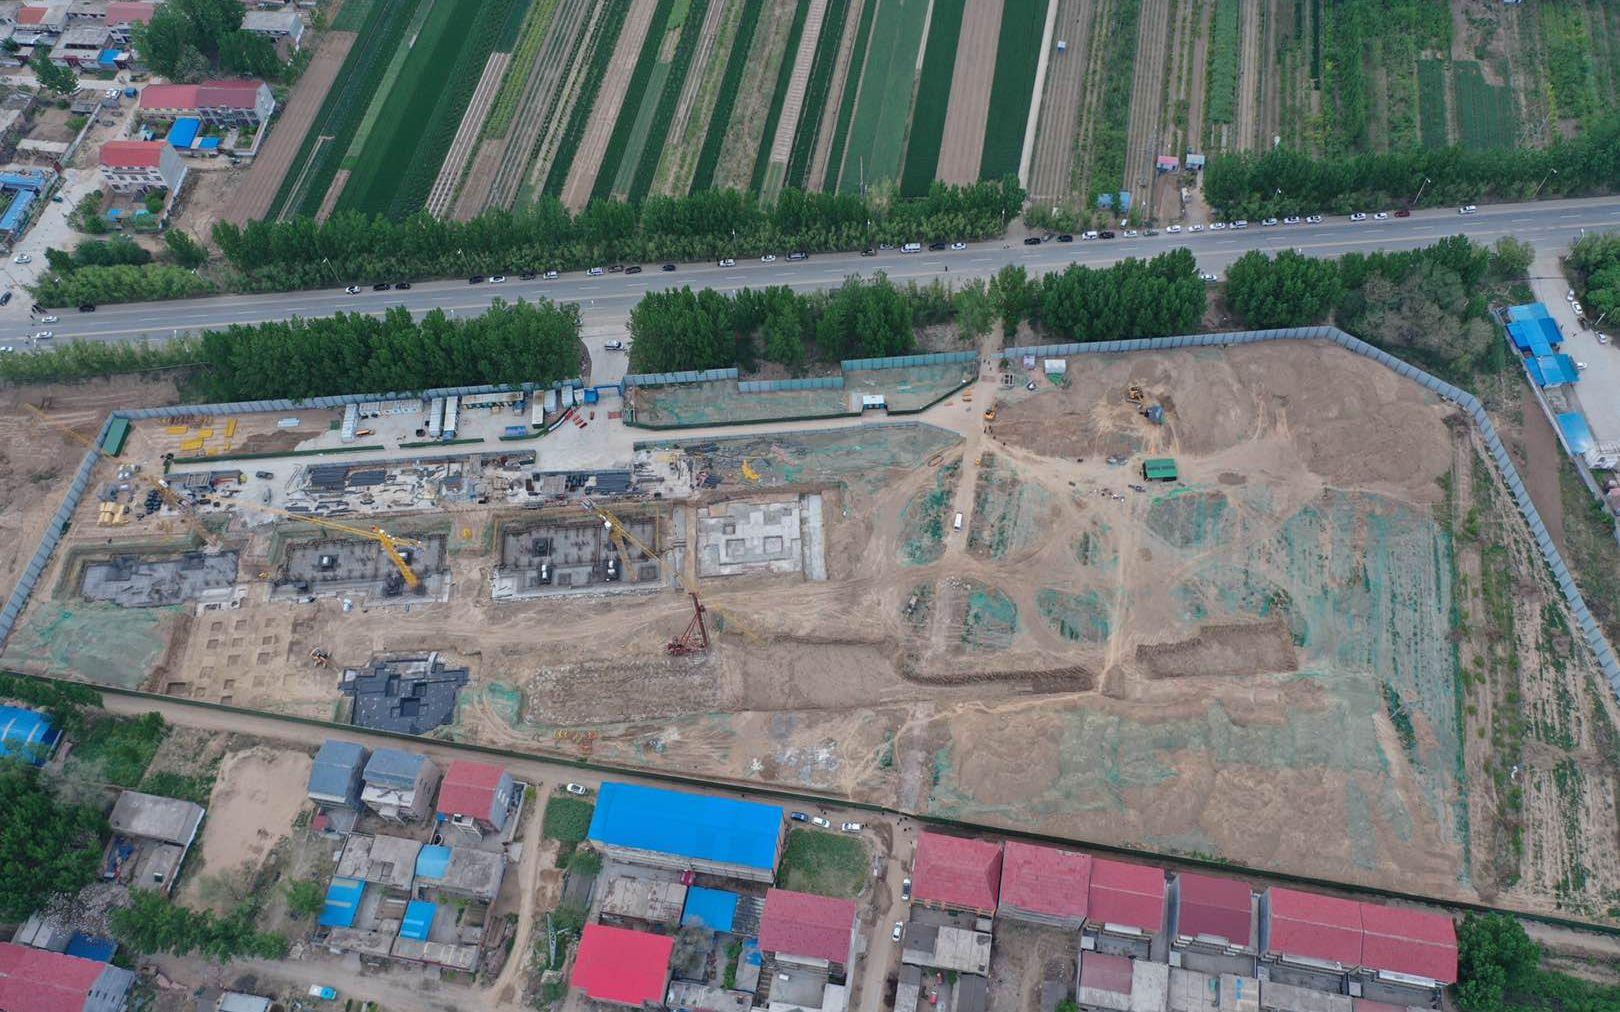 事发盛和府项目工地航拍图,西侧为施工区域,东北角挖掘机旁为事发现场。新京报记者 雷燕超 摄